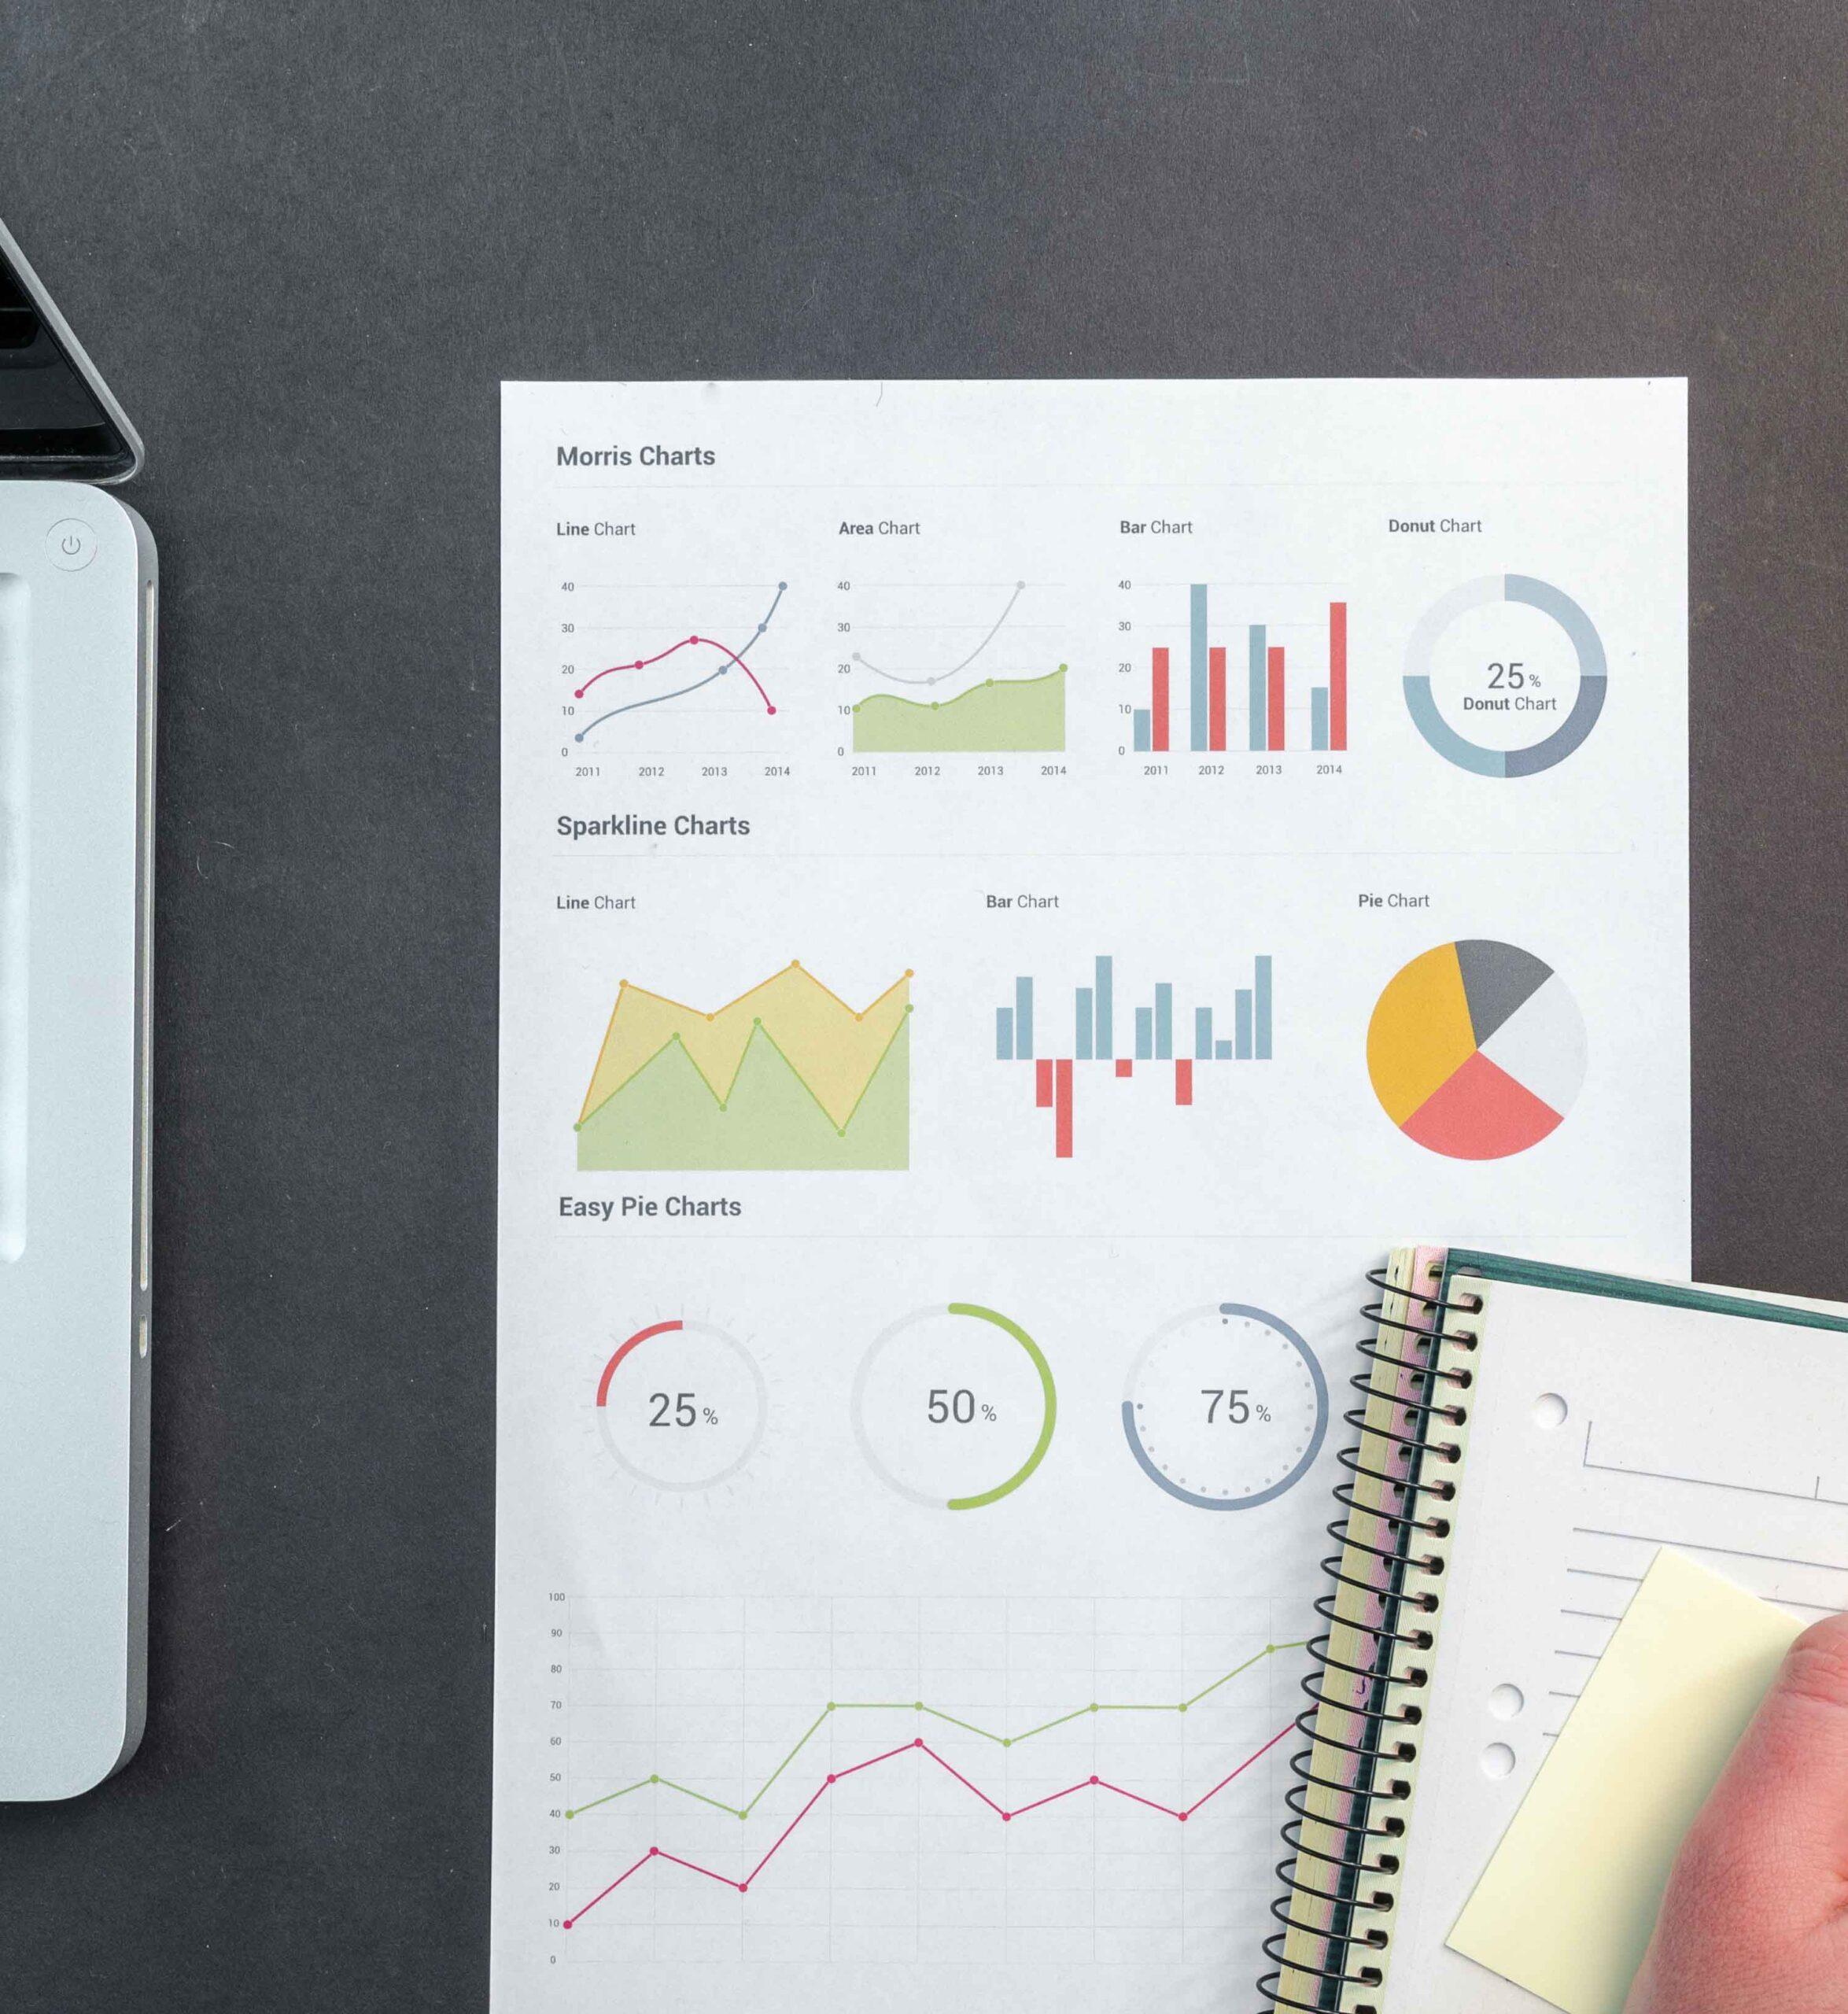 Бесплатна анализа на вашиот бренд